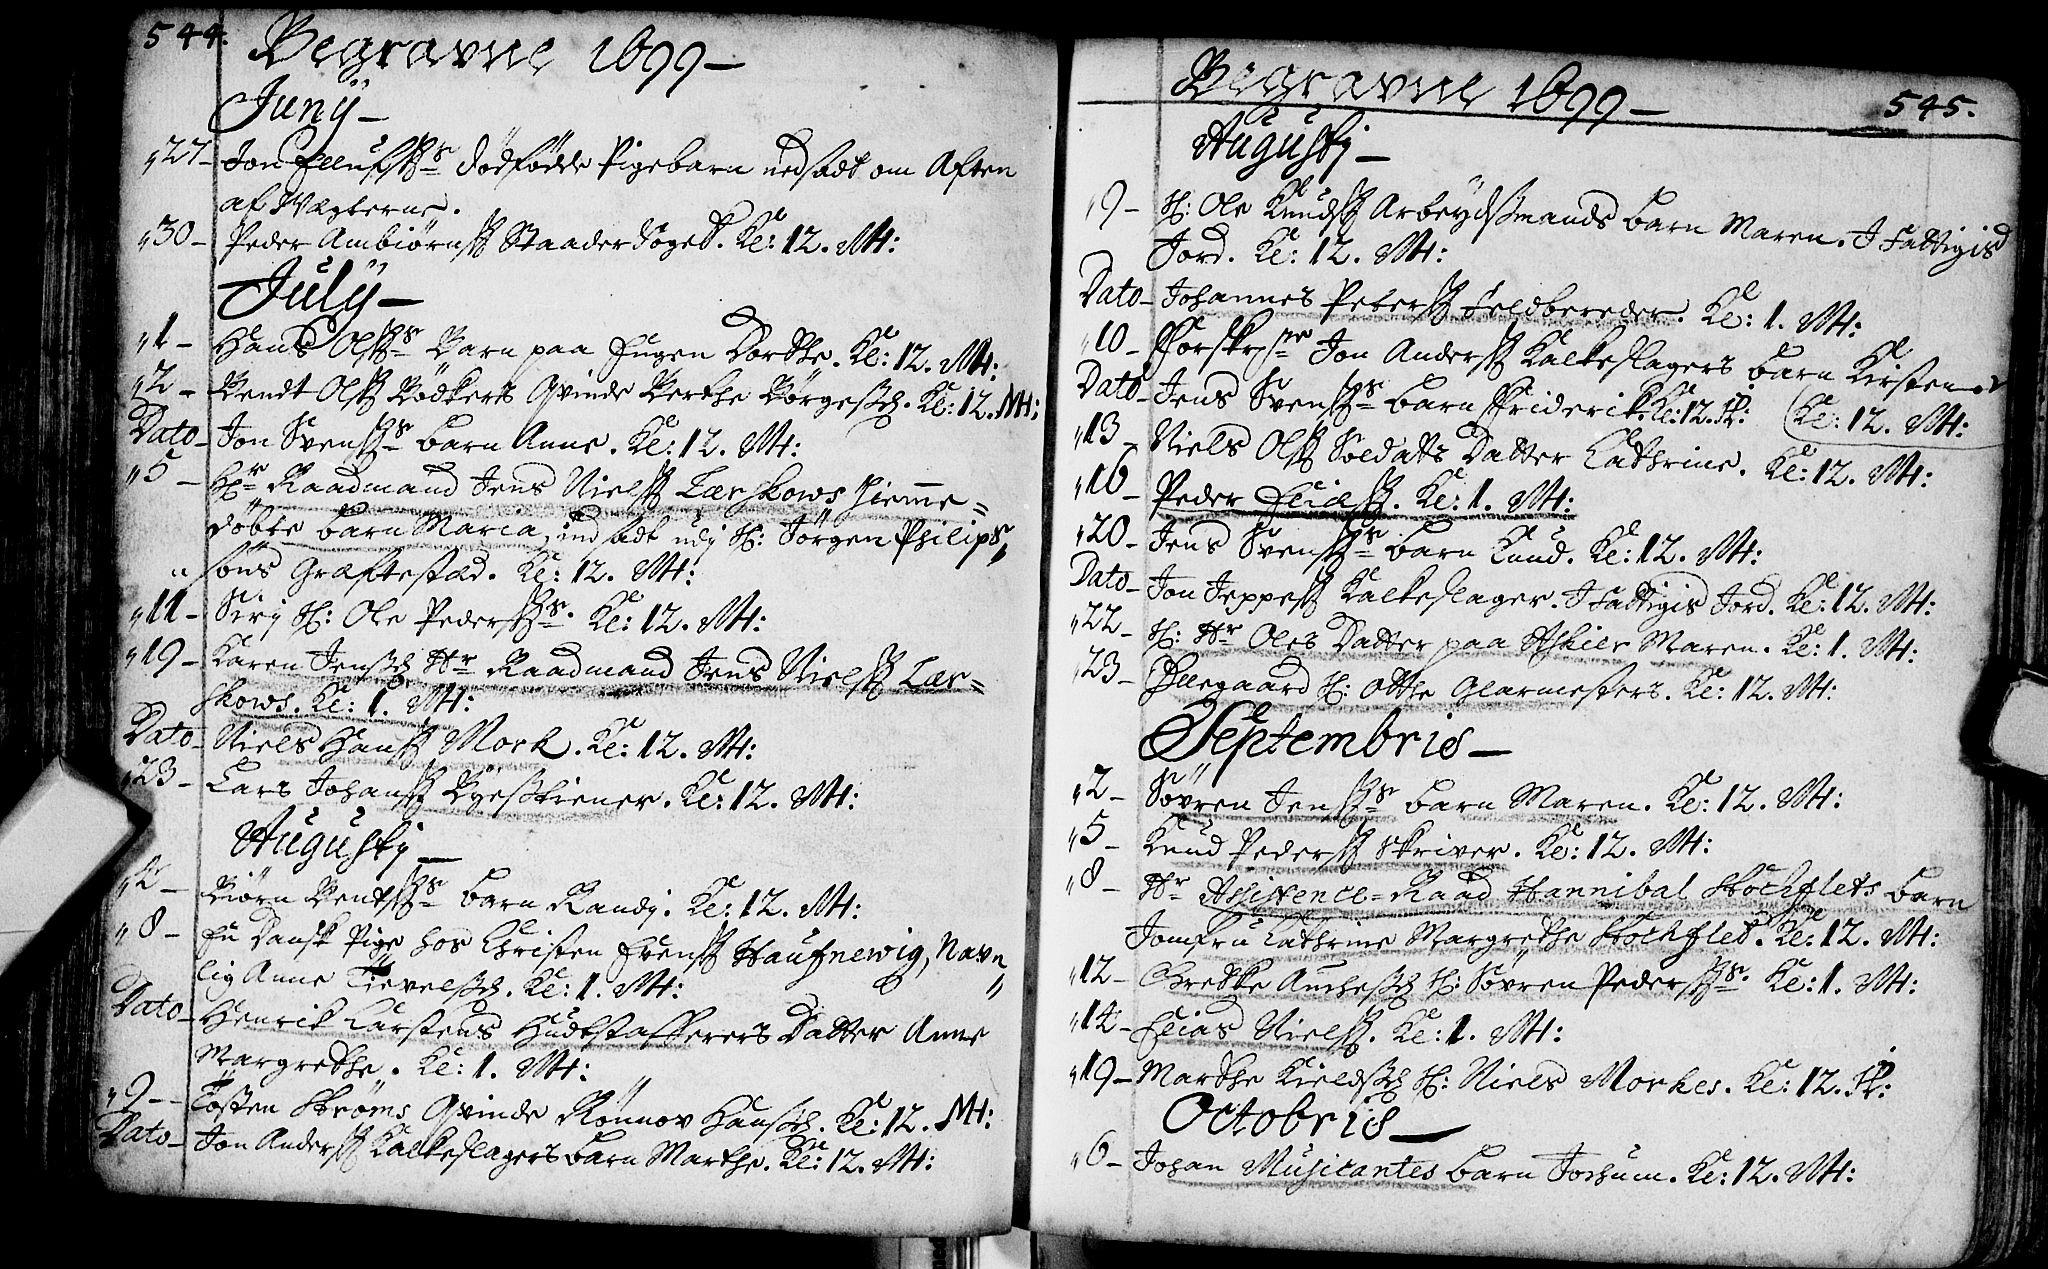 SAKO, Bragernes kirkebøker, F/Fa/L0002: Ministerialbok nr. I 2, 1680-1705, s. 544-545